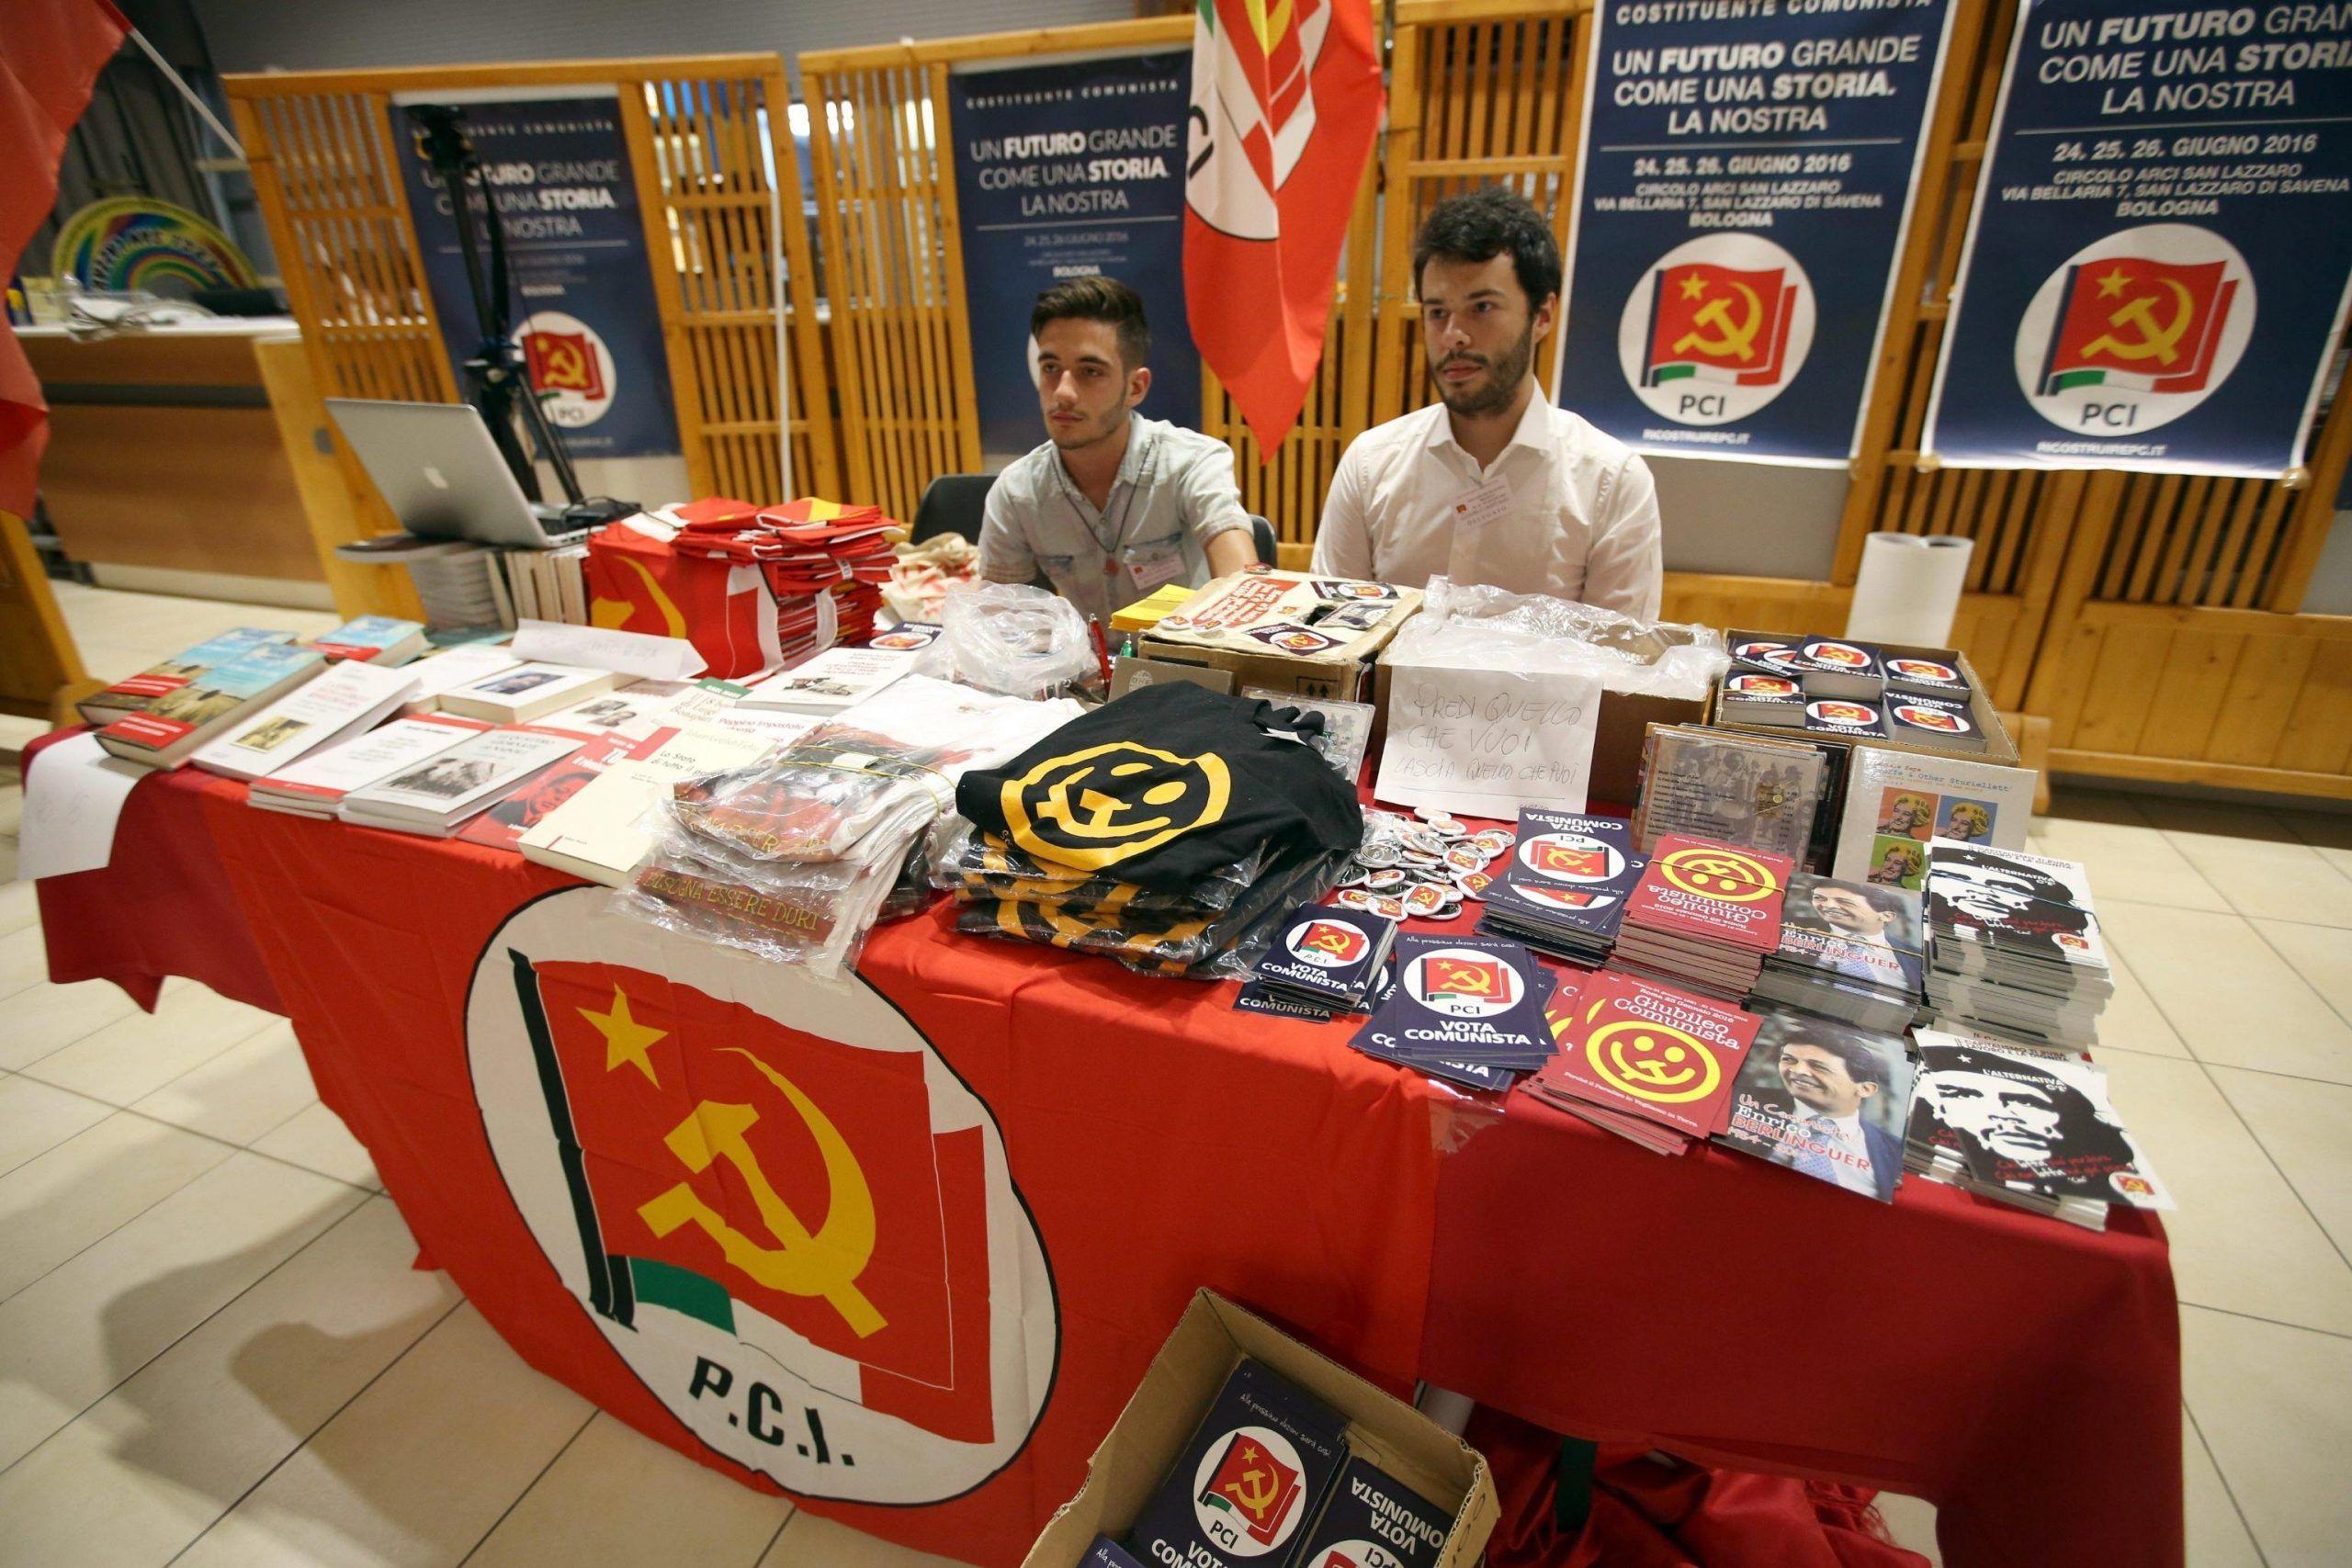 Legge Fiano, il Comune di Soragna vuole vietare l'apologia del comunismo